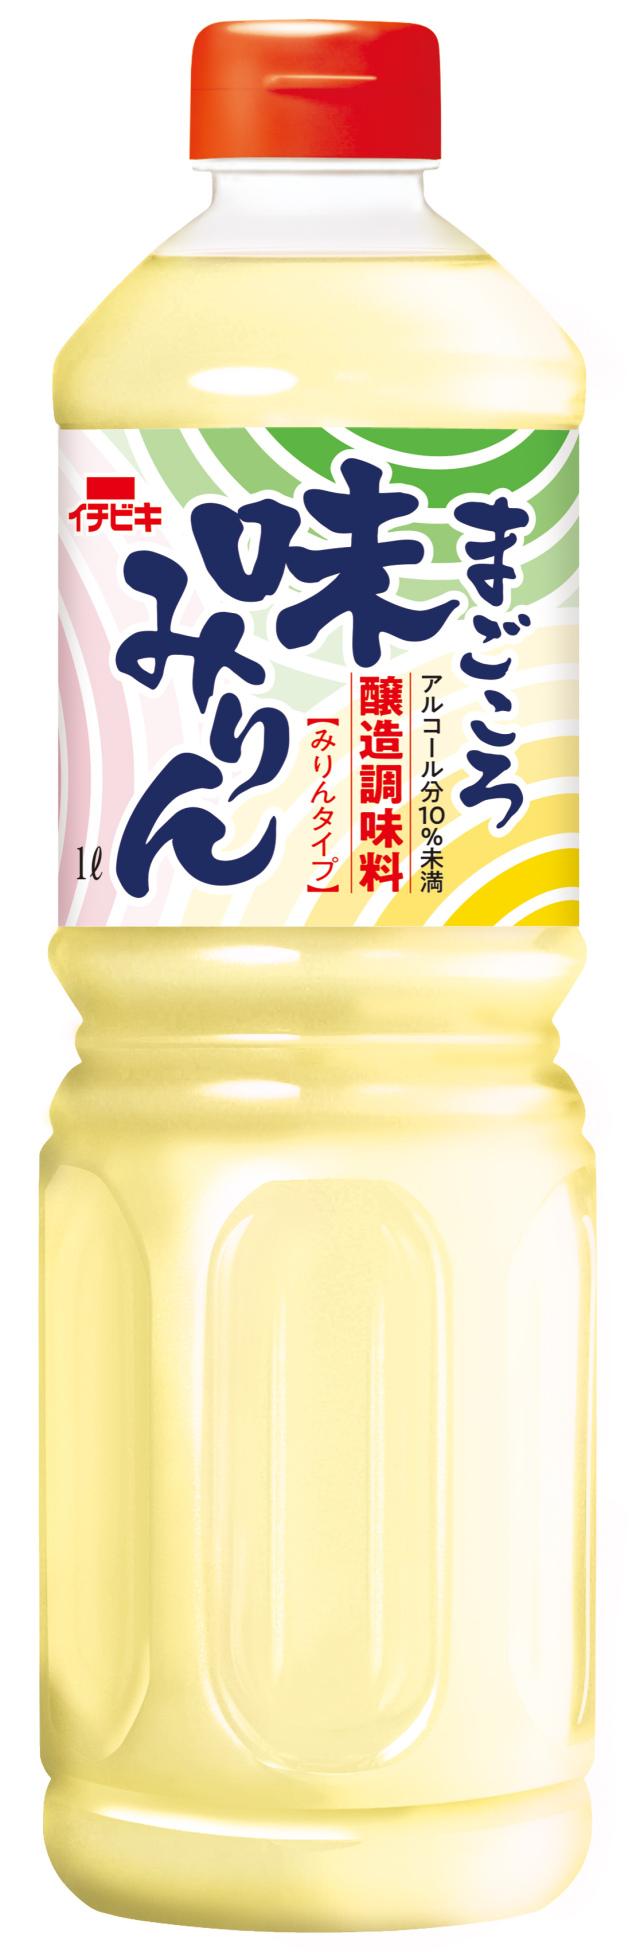 まごごろ味みりん (ペットボトル・1L×8本)